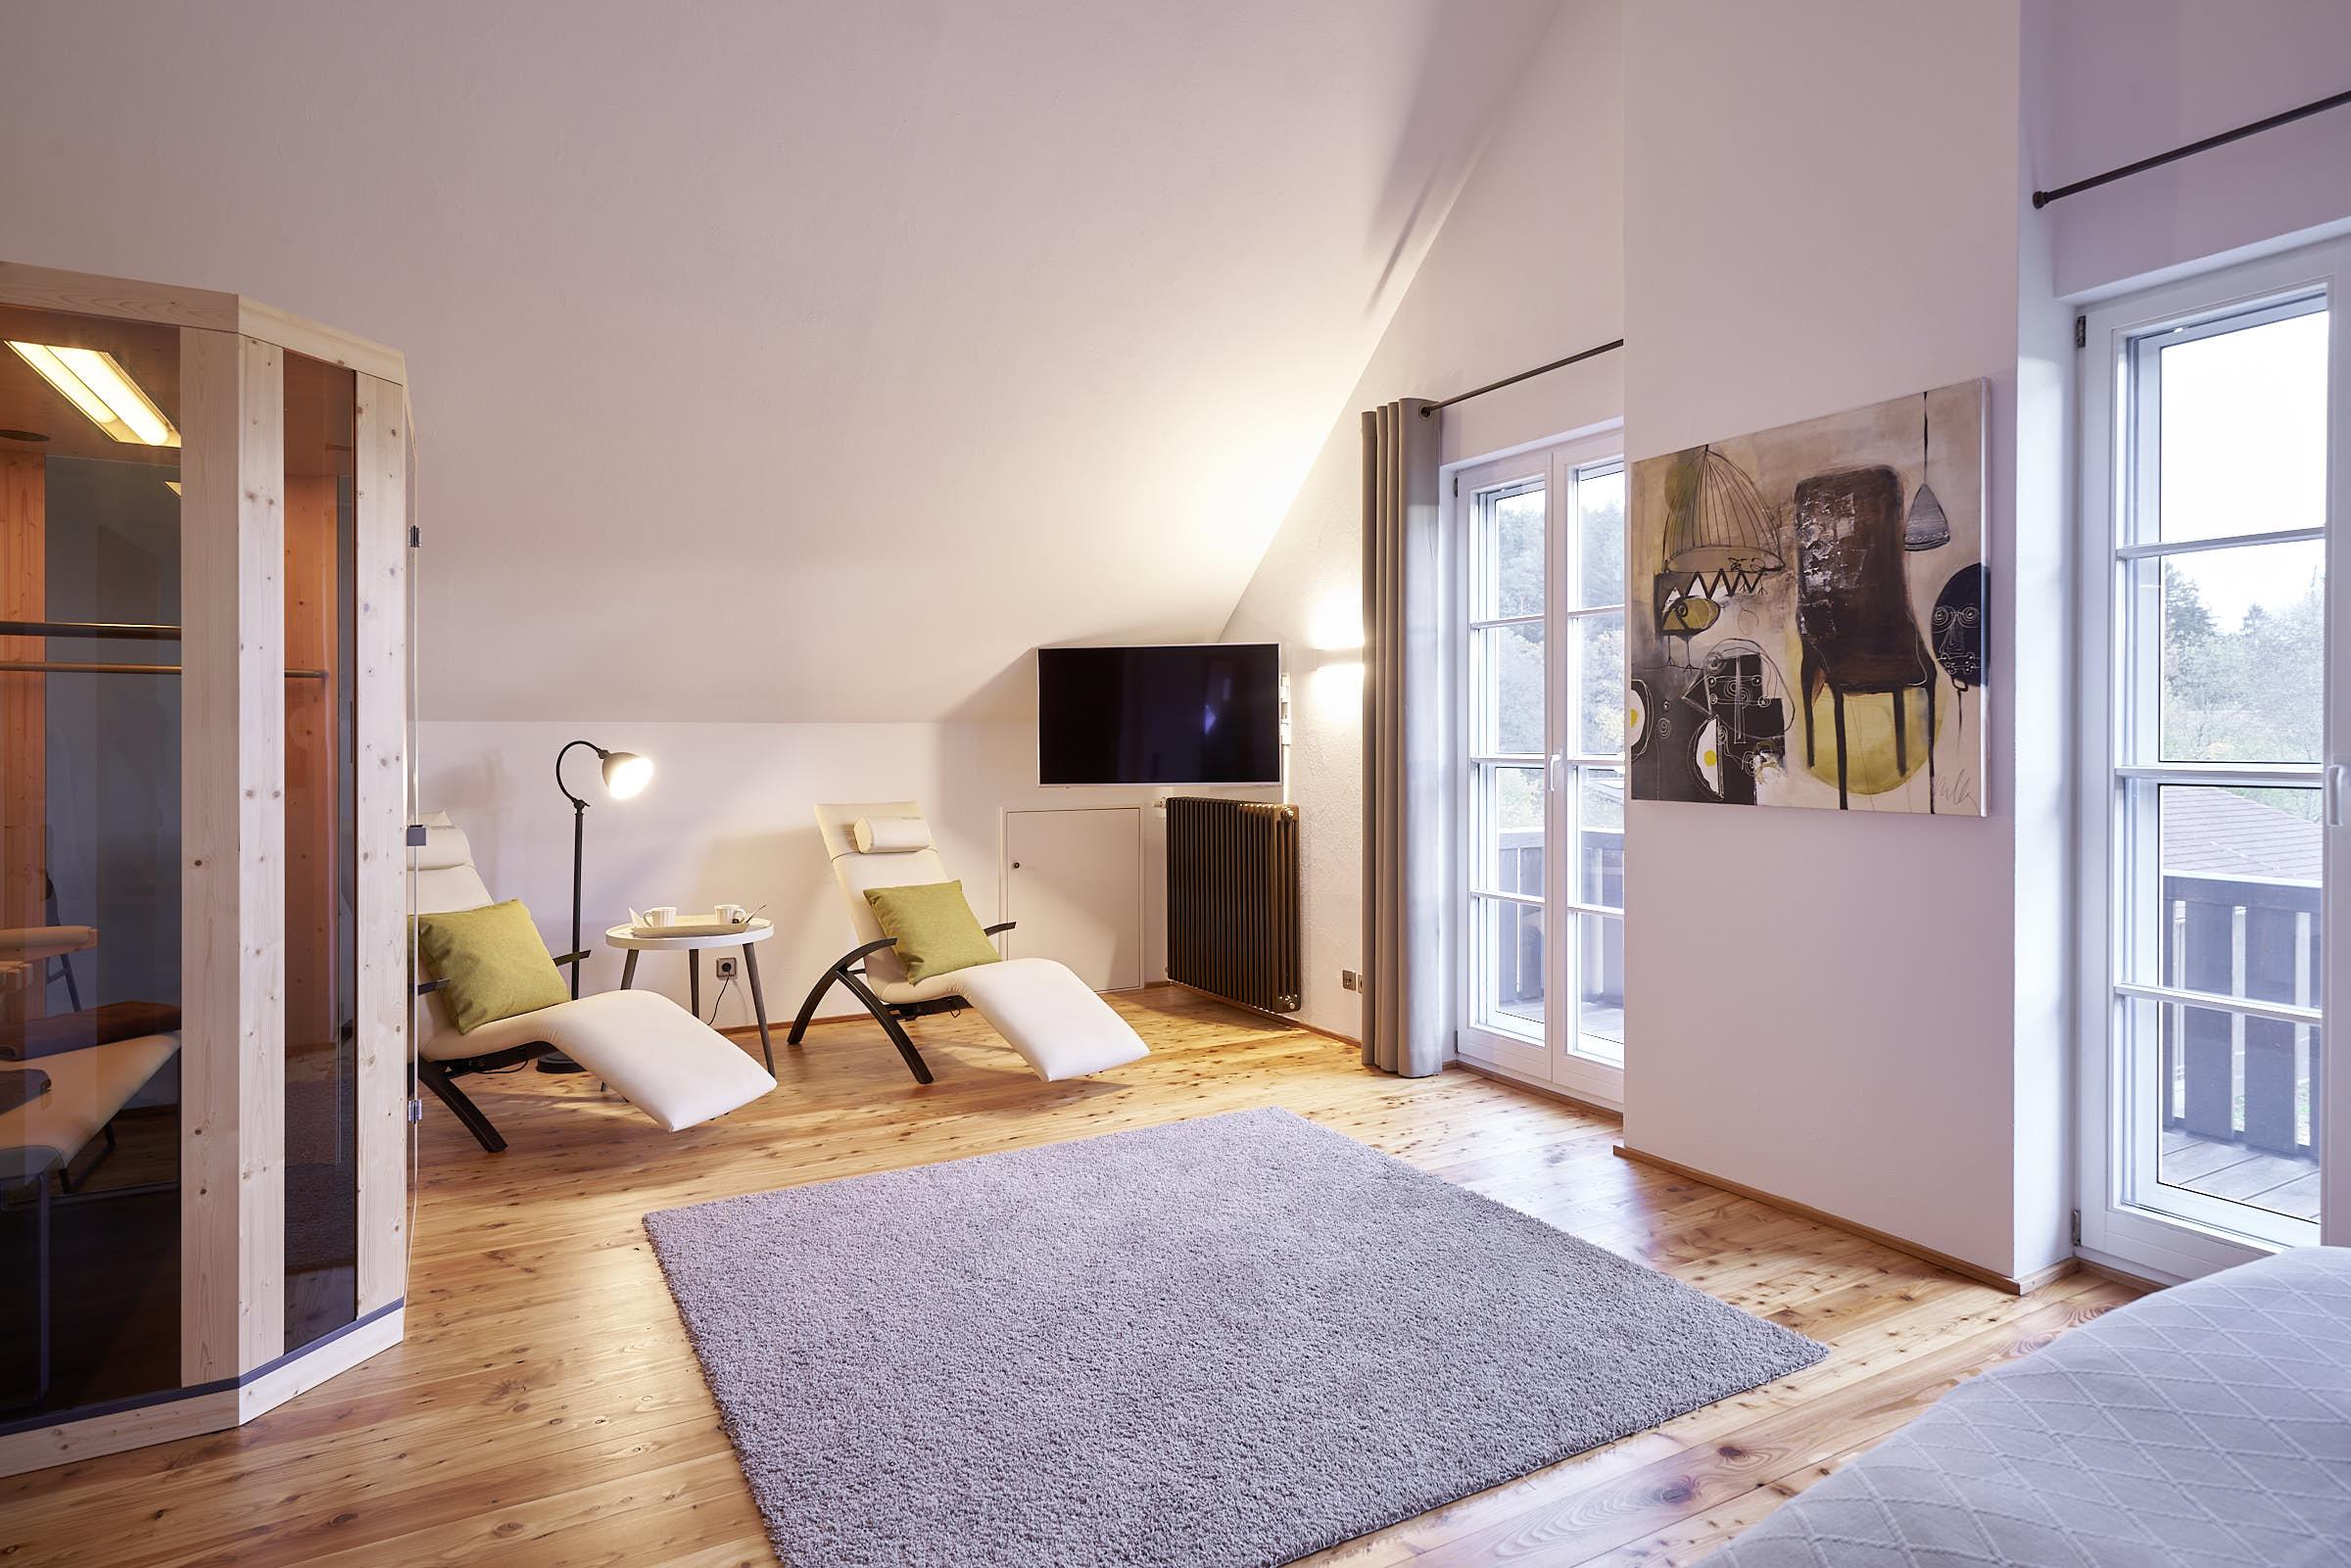 Masterschlafzimmer mit Infrarotkabine, 2 Wärmeliegen, TV und Balkon , DG